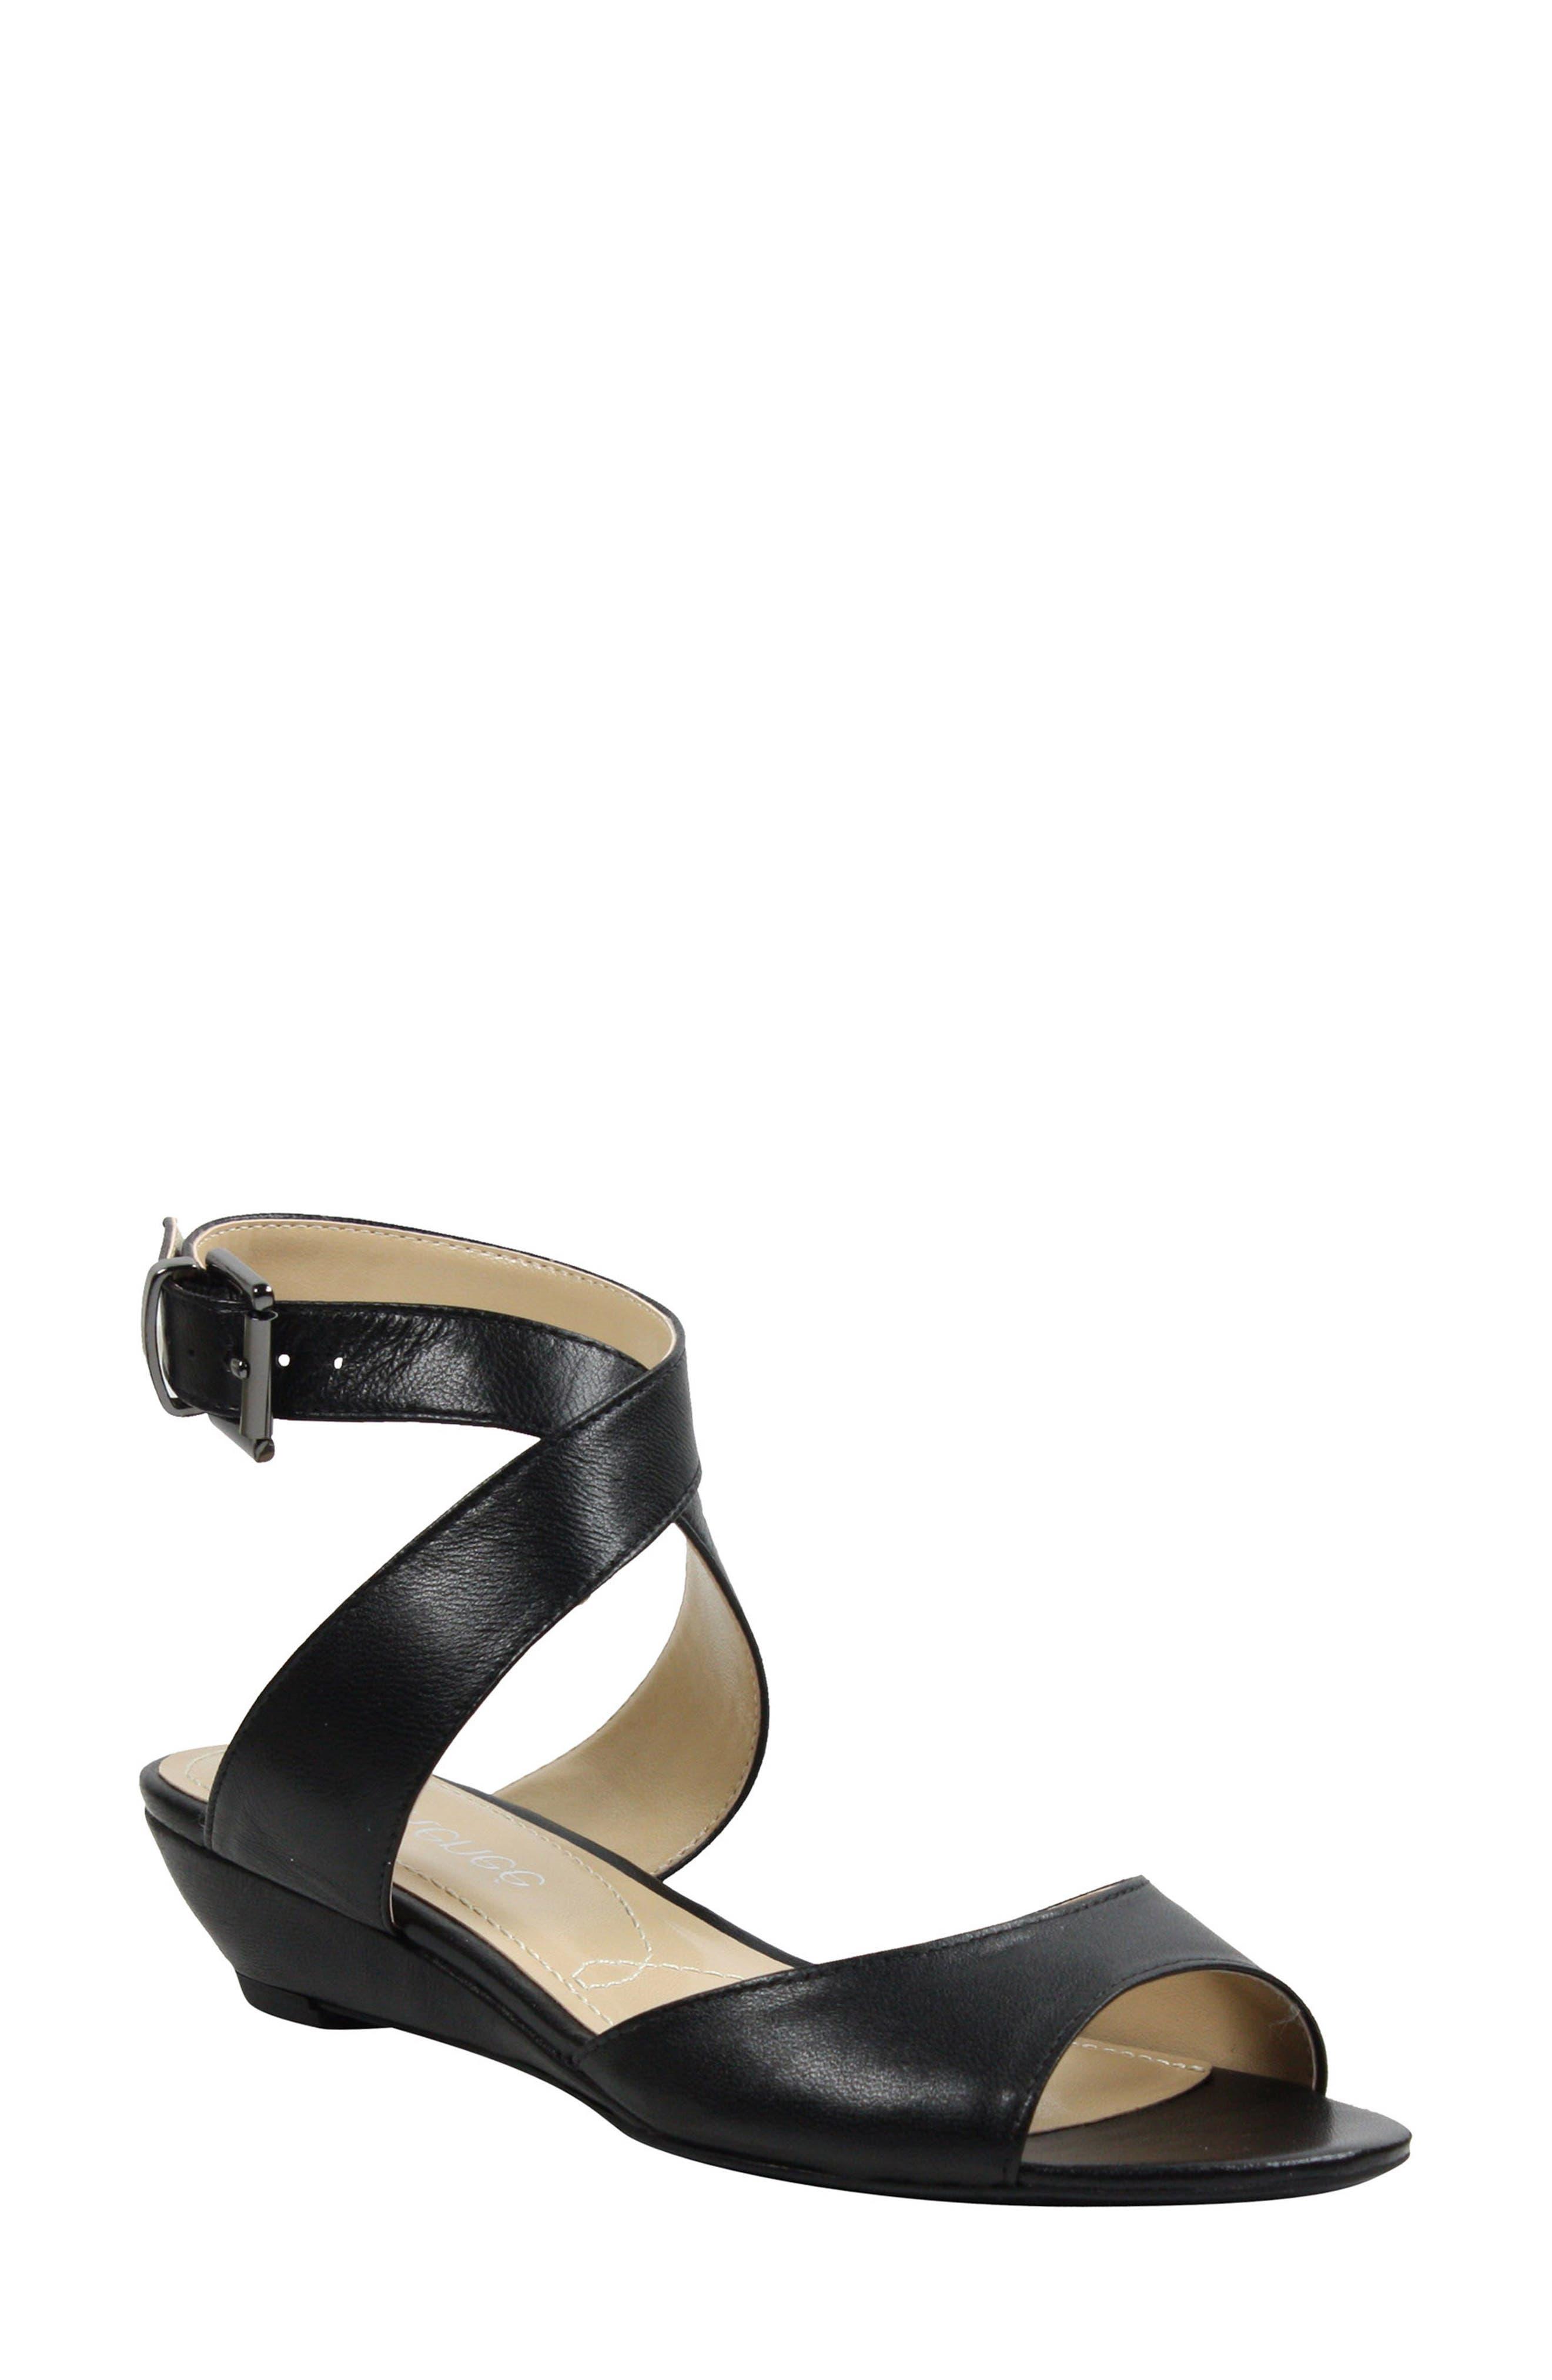 Belden Ankle Wrap Sandal,                             Main thumbnail 1, color,                             Black Leather